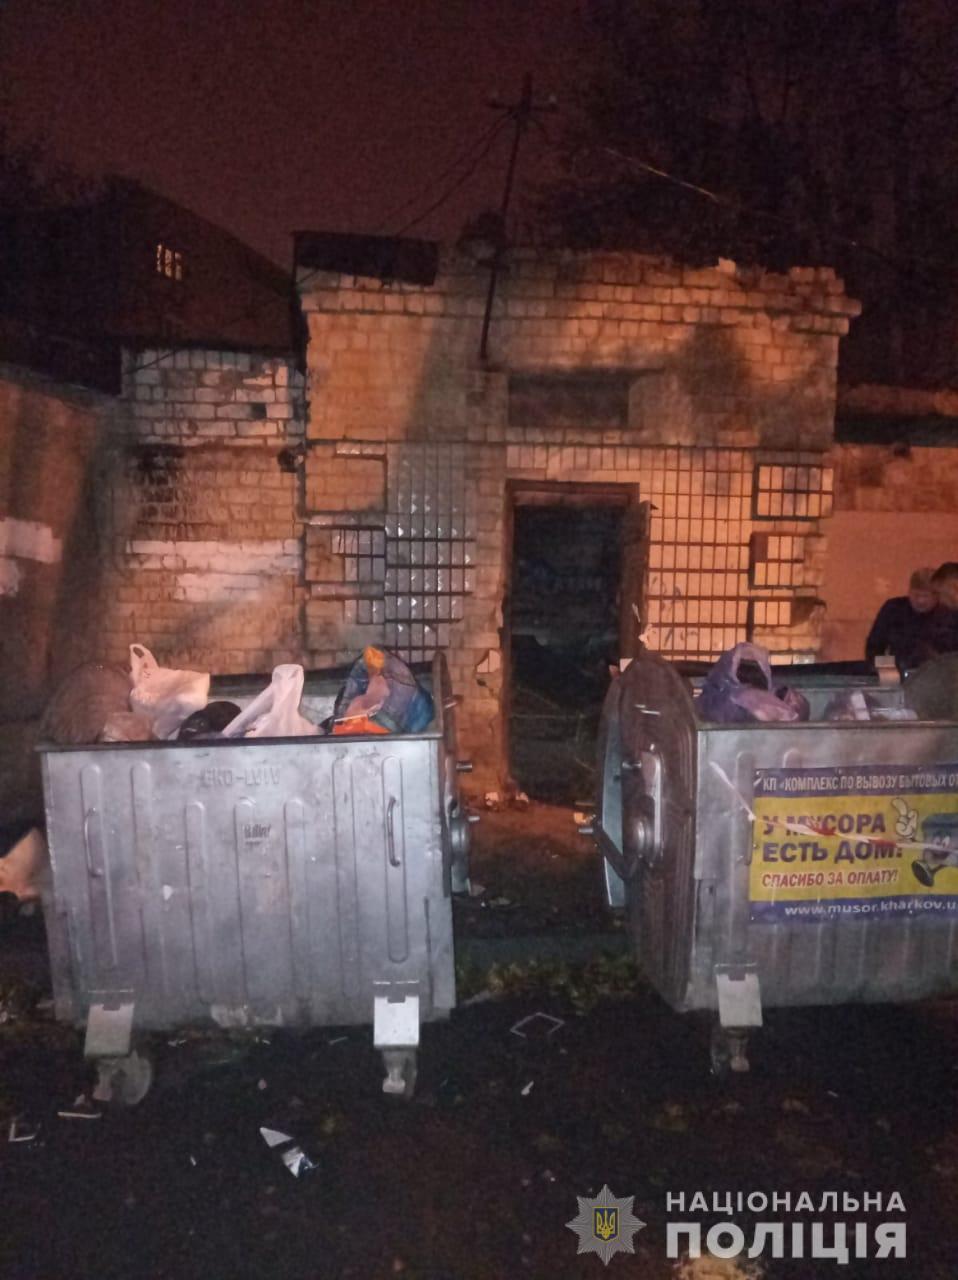 Тіло знайшли біля баків зі сміттям / hk.npu.gov.ua